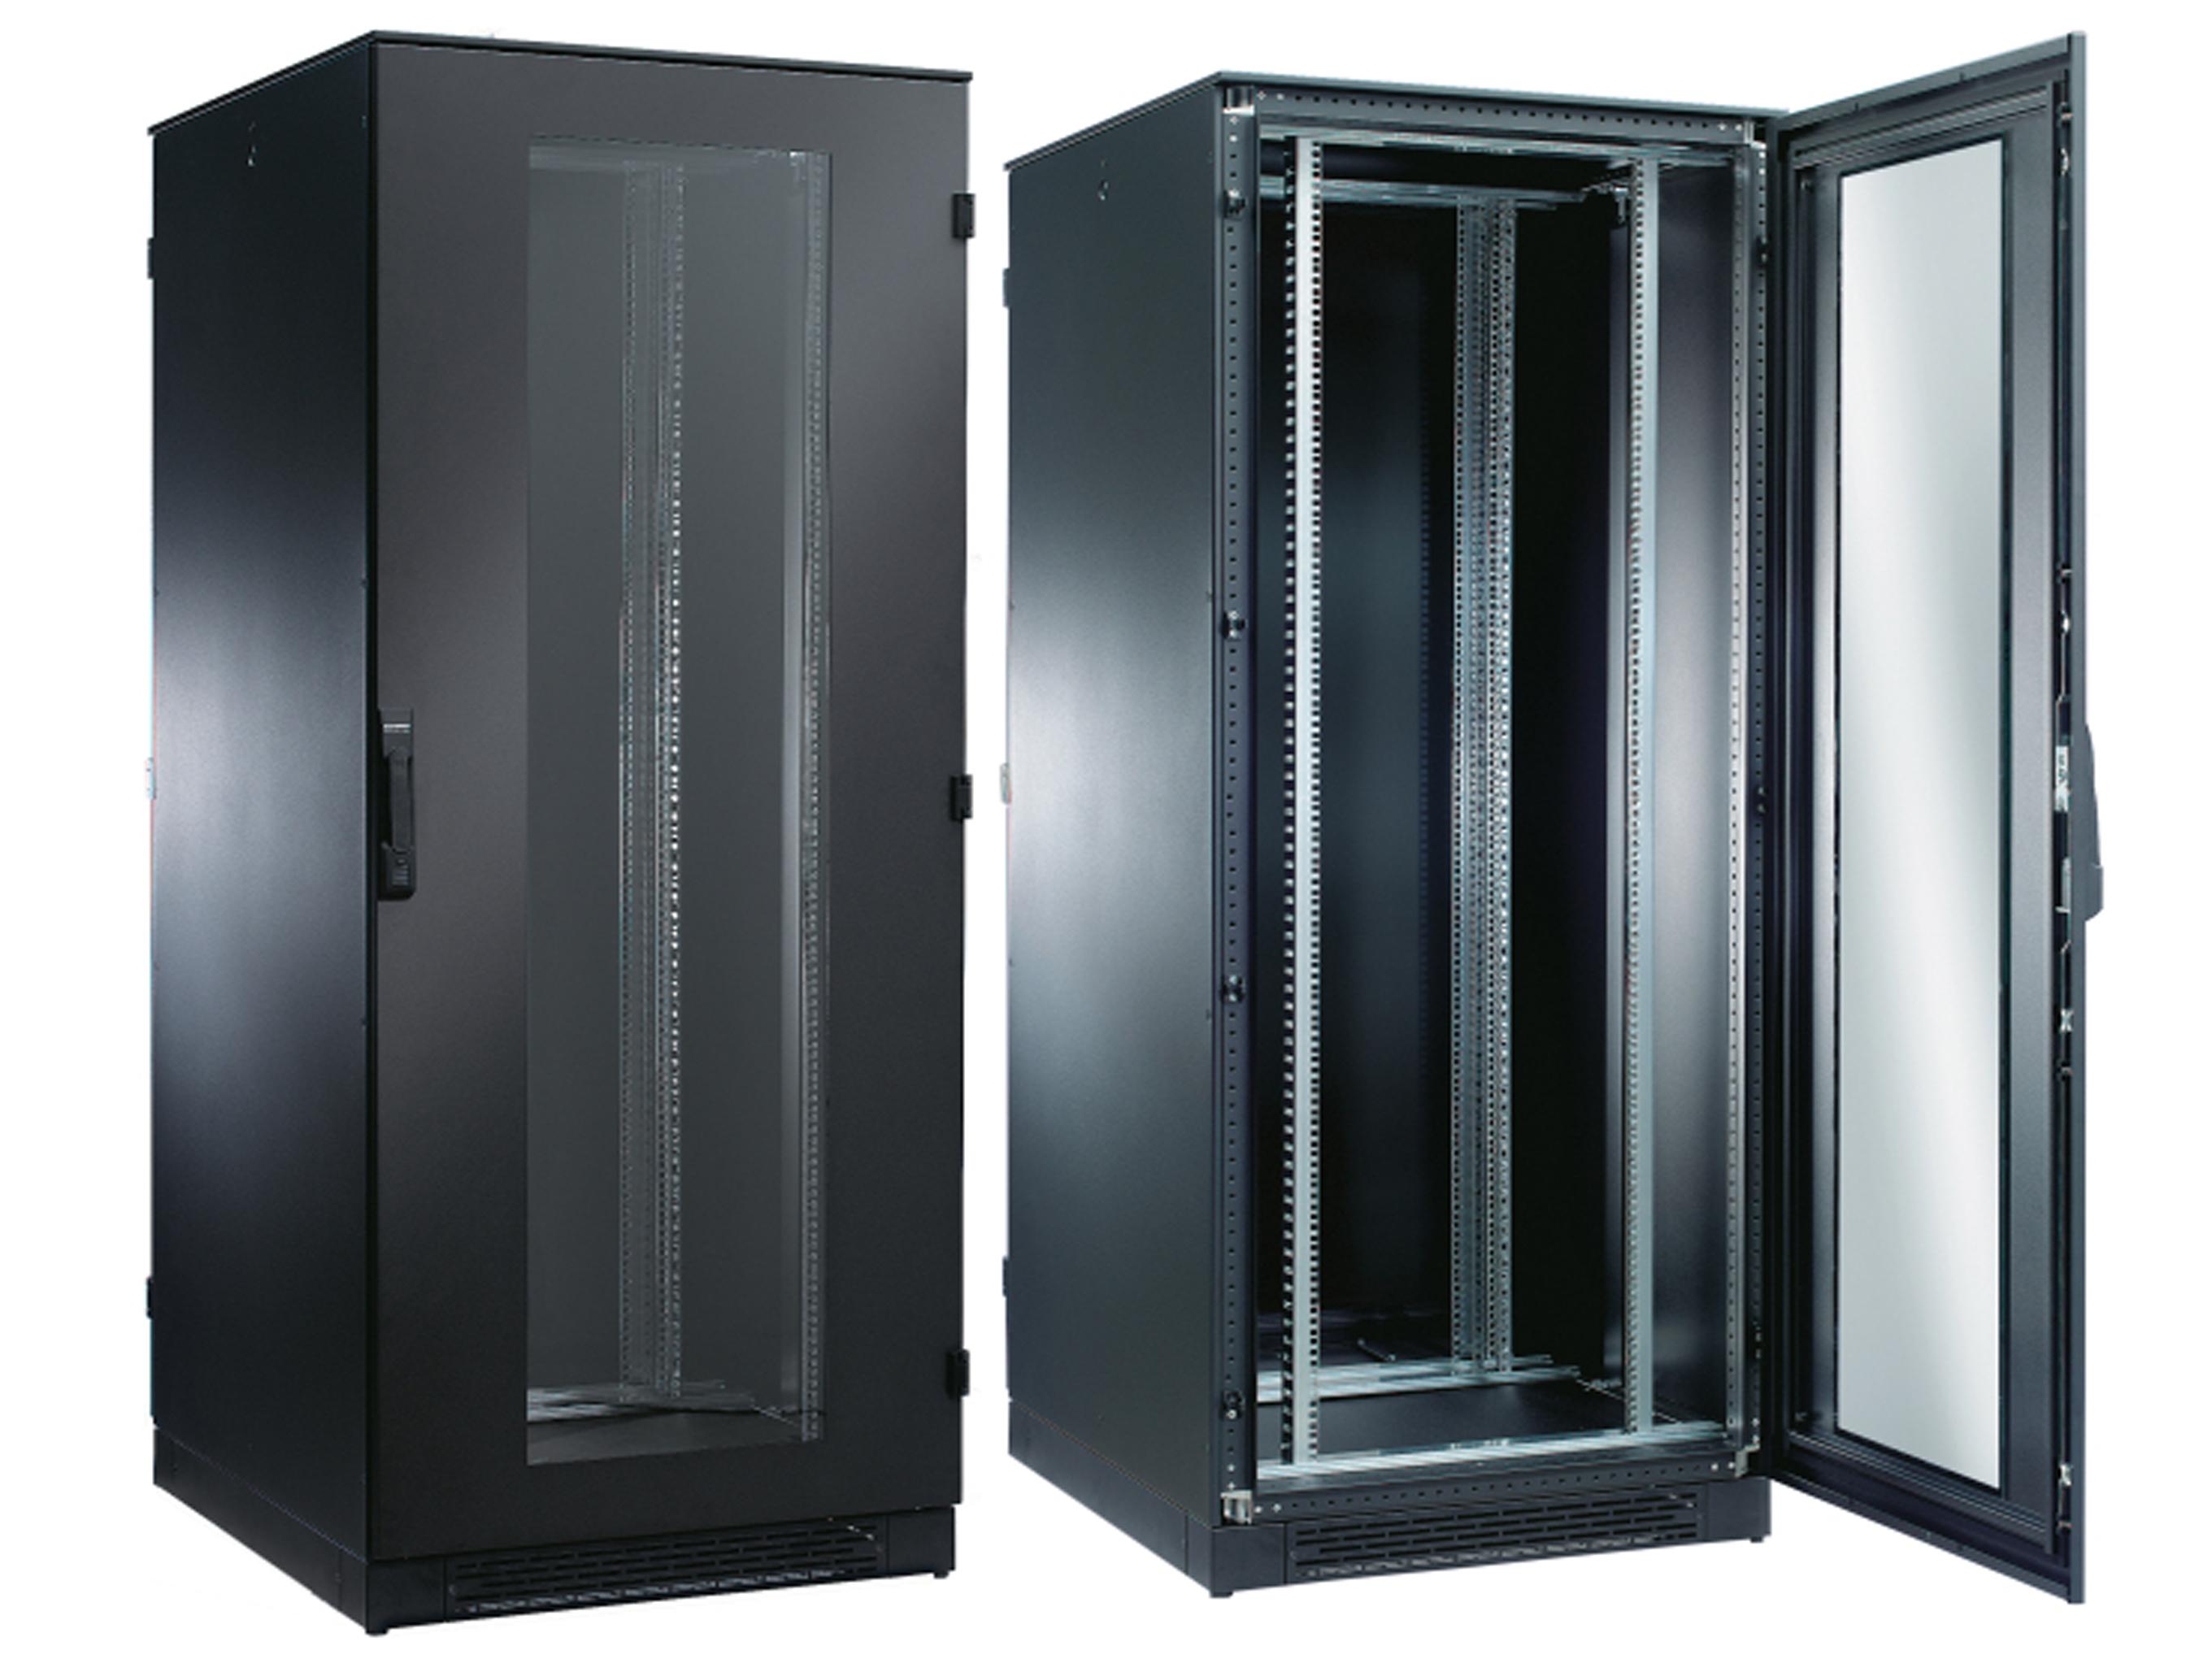 Tủ rack 42u – Đặc điểm, lợi ích, lắp đặt và sử dụng